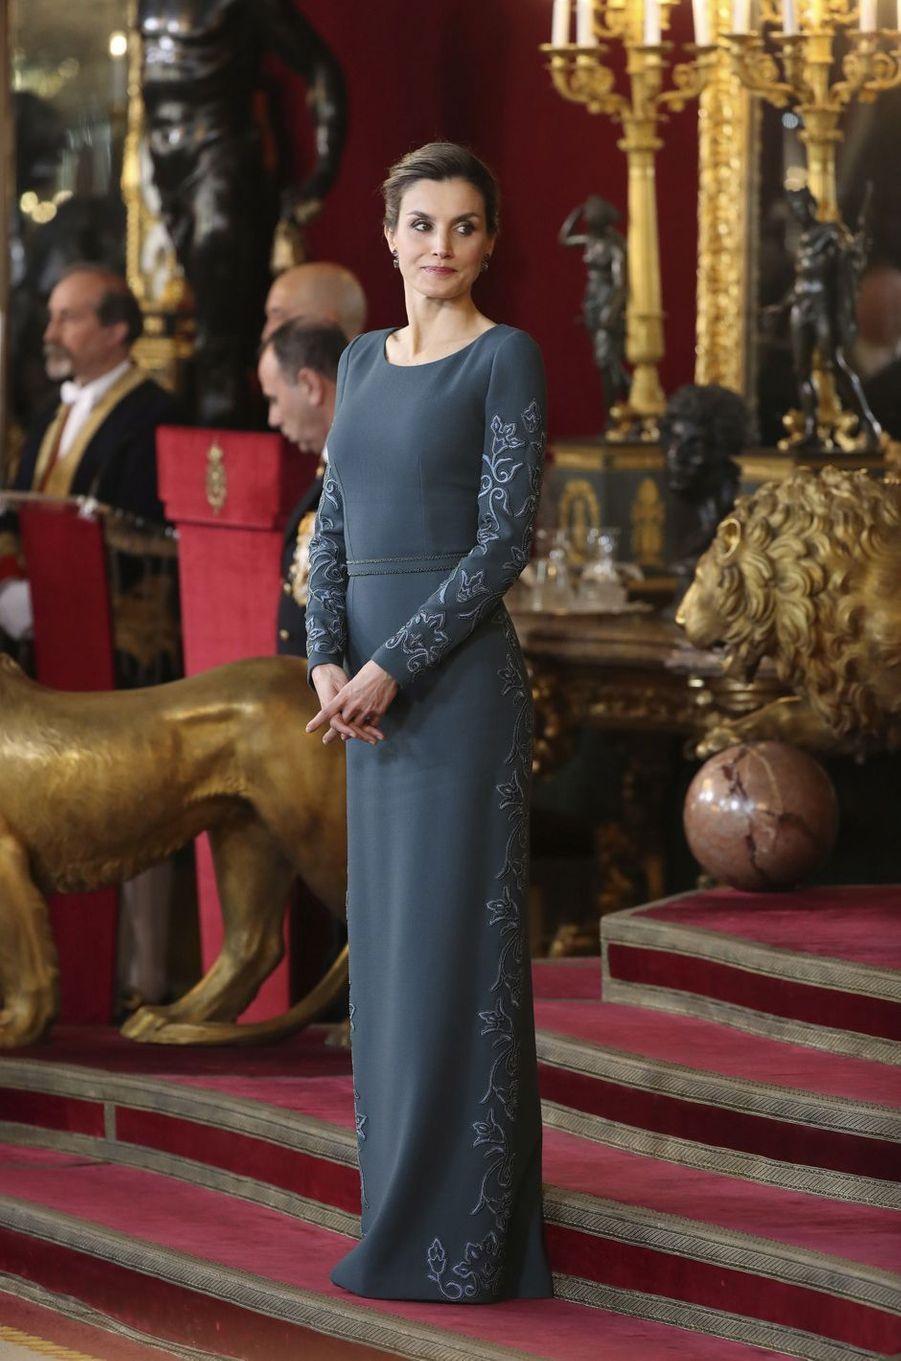 Letizia Felipe VI Espagne Paque Militaire Madrid 6 Janv 2016 22